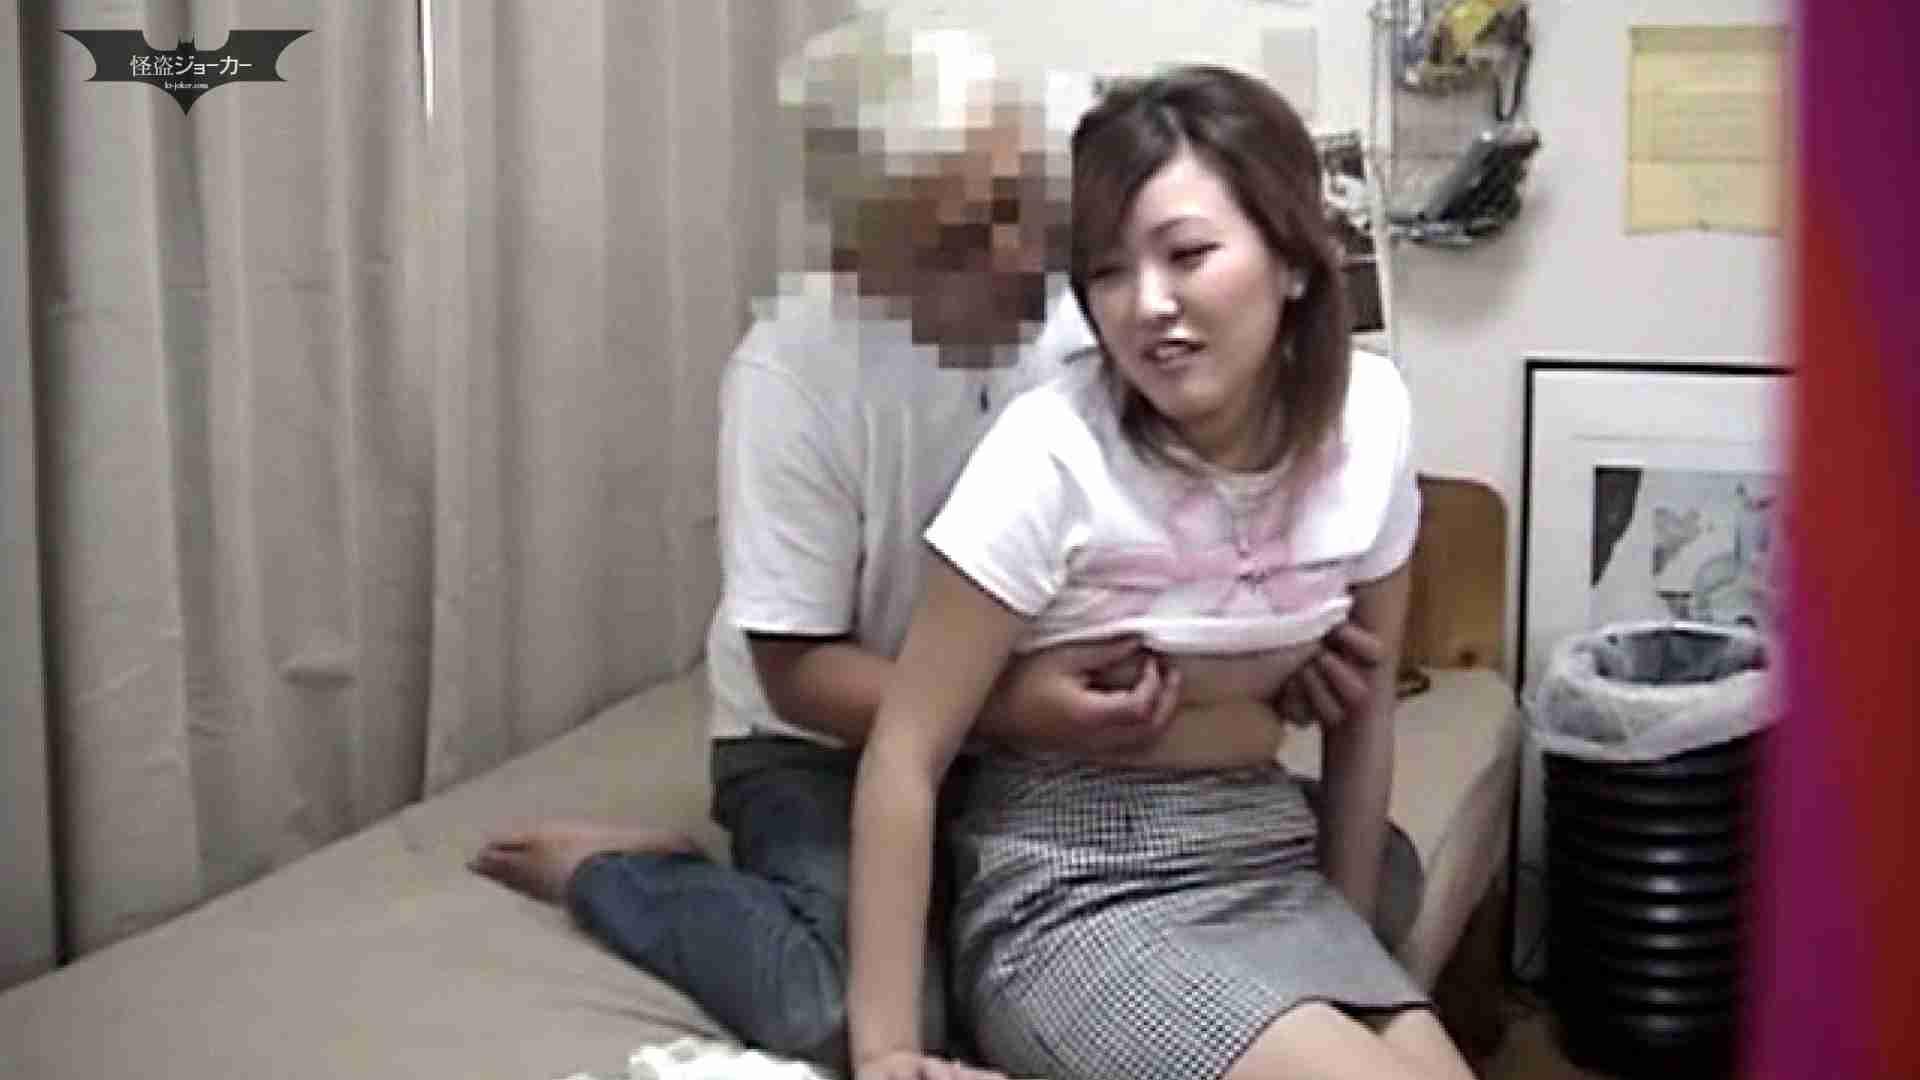 素人女良を部屋に連れ込み隠し撮りSEX!! その⑪ 潮吹き娘 りん SEX スケベ動画紹介 85枚 2